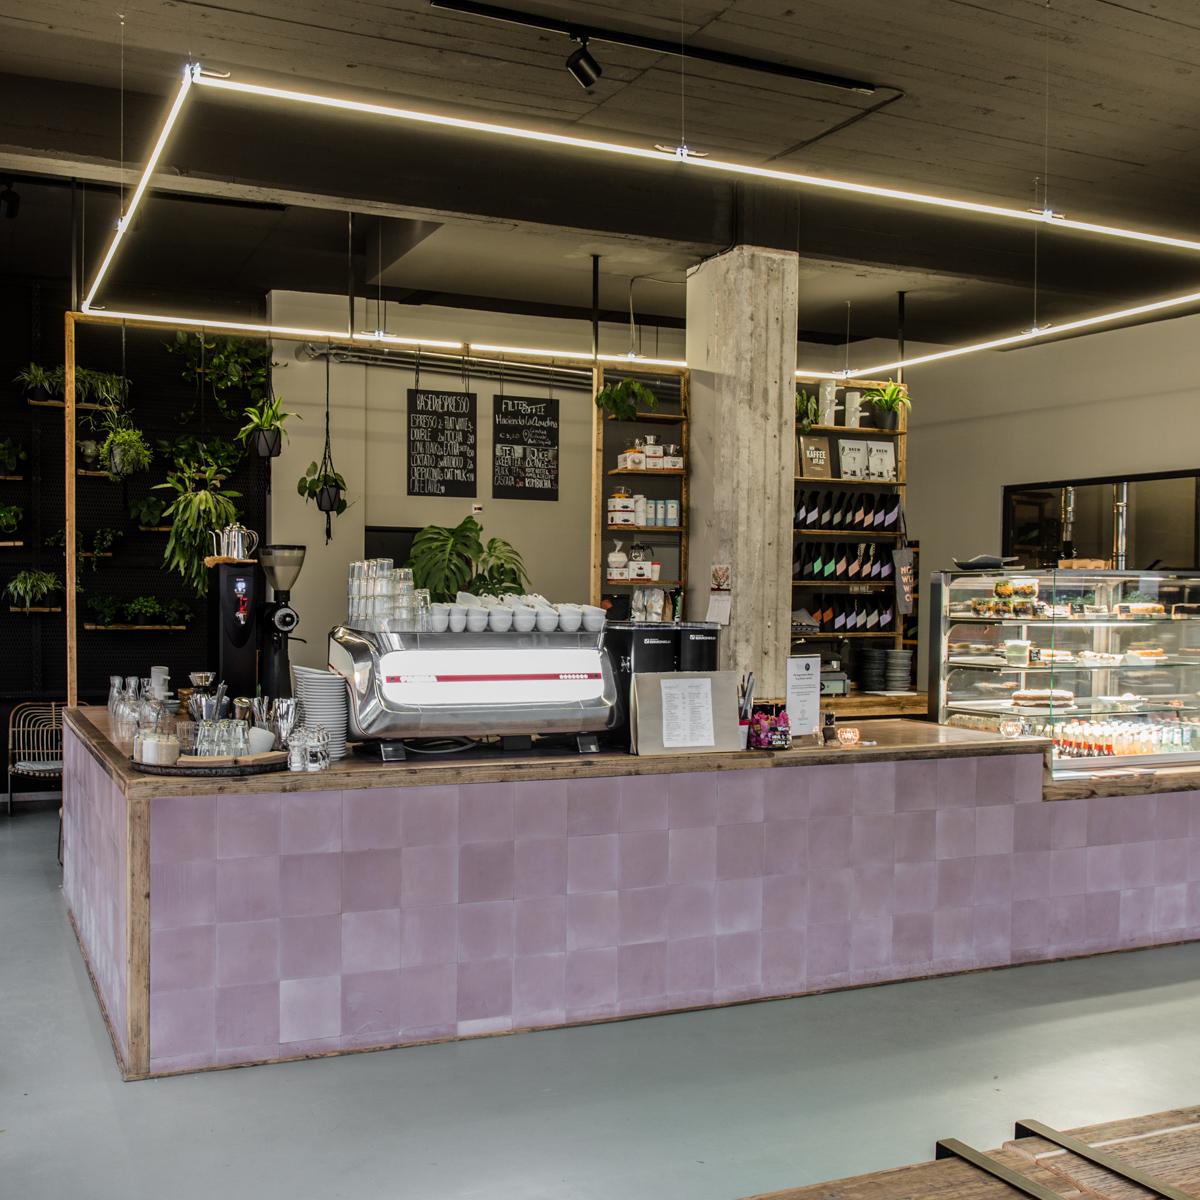 Café Kaffee Kirsche in Berlin